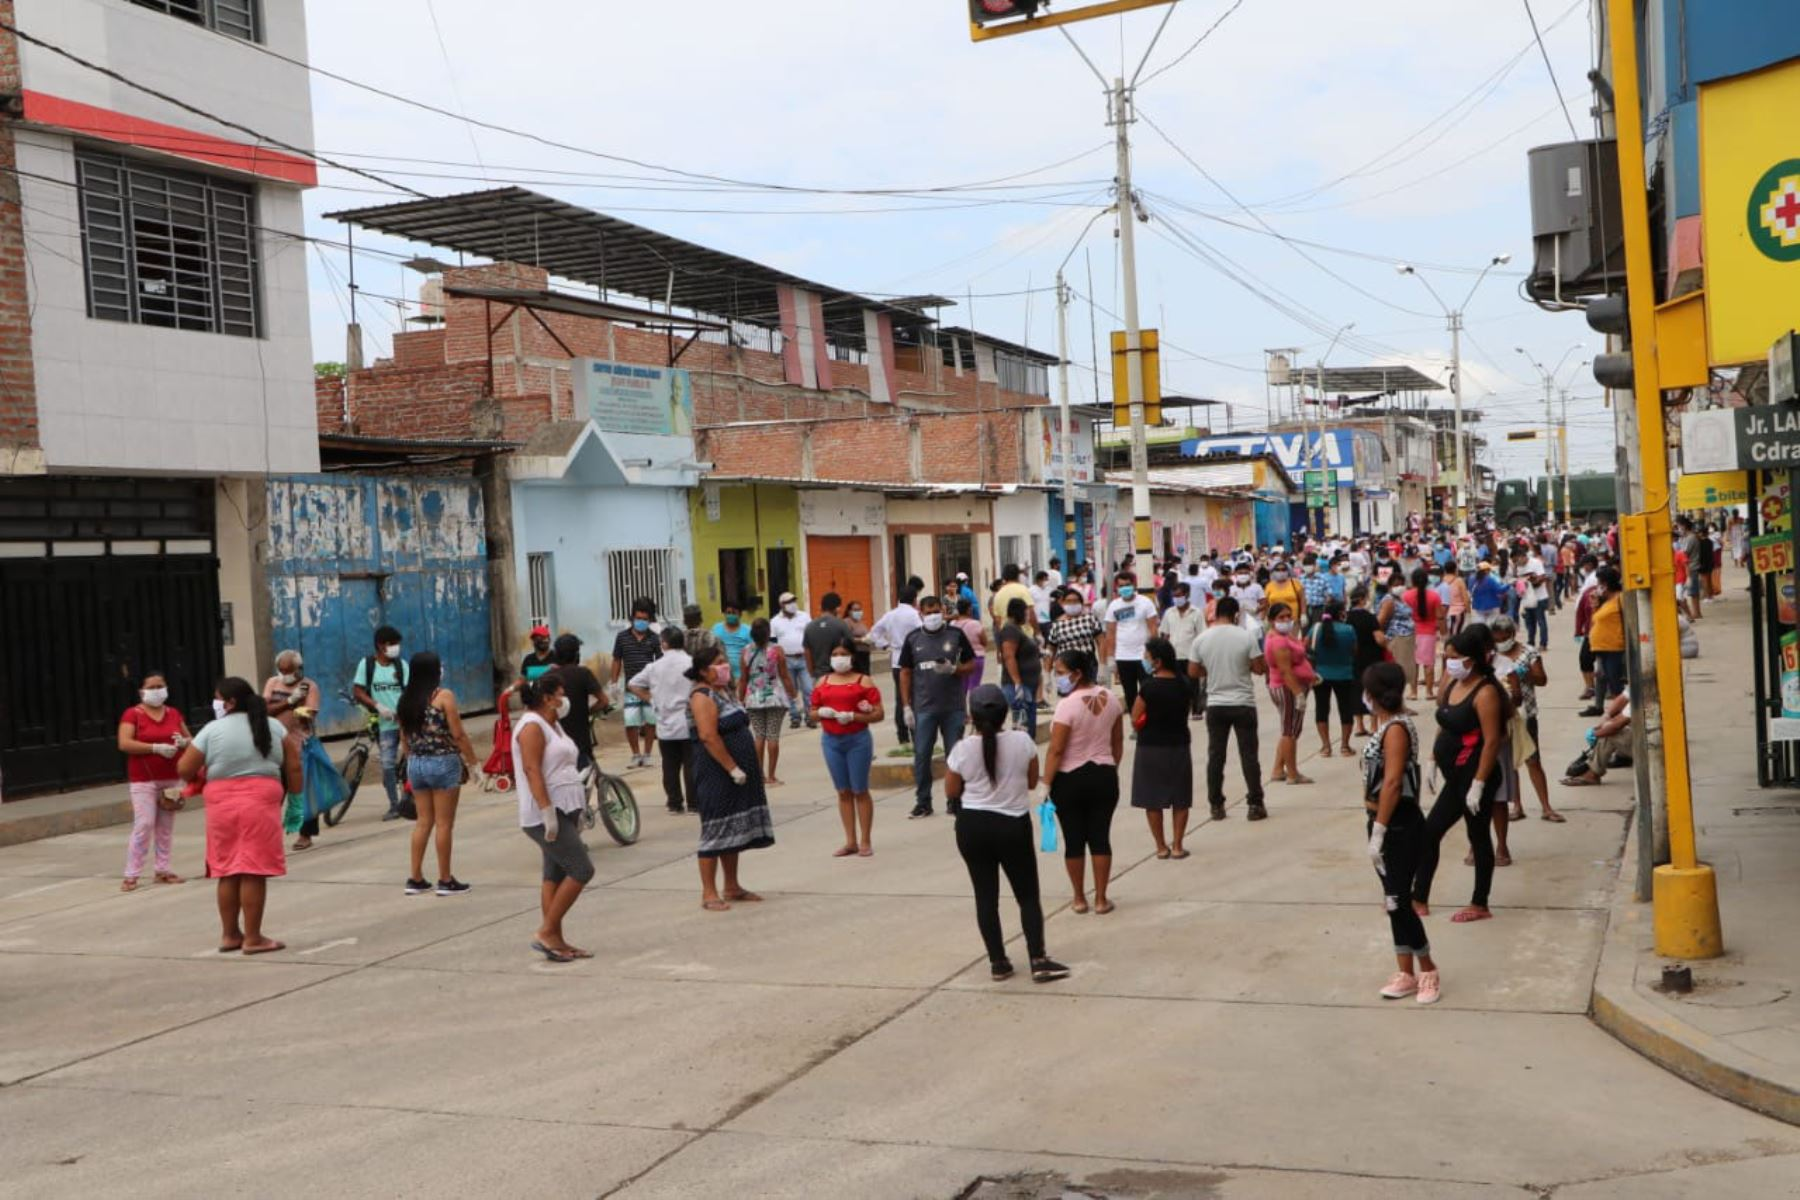 El Ejército y la municipalidad provincial de Morropón han desarrollado un correcto sistema de colas para evitar la aglomeración. Foto: Cortesía Yosi Orjeda